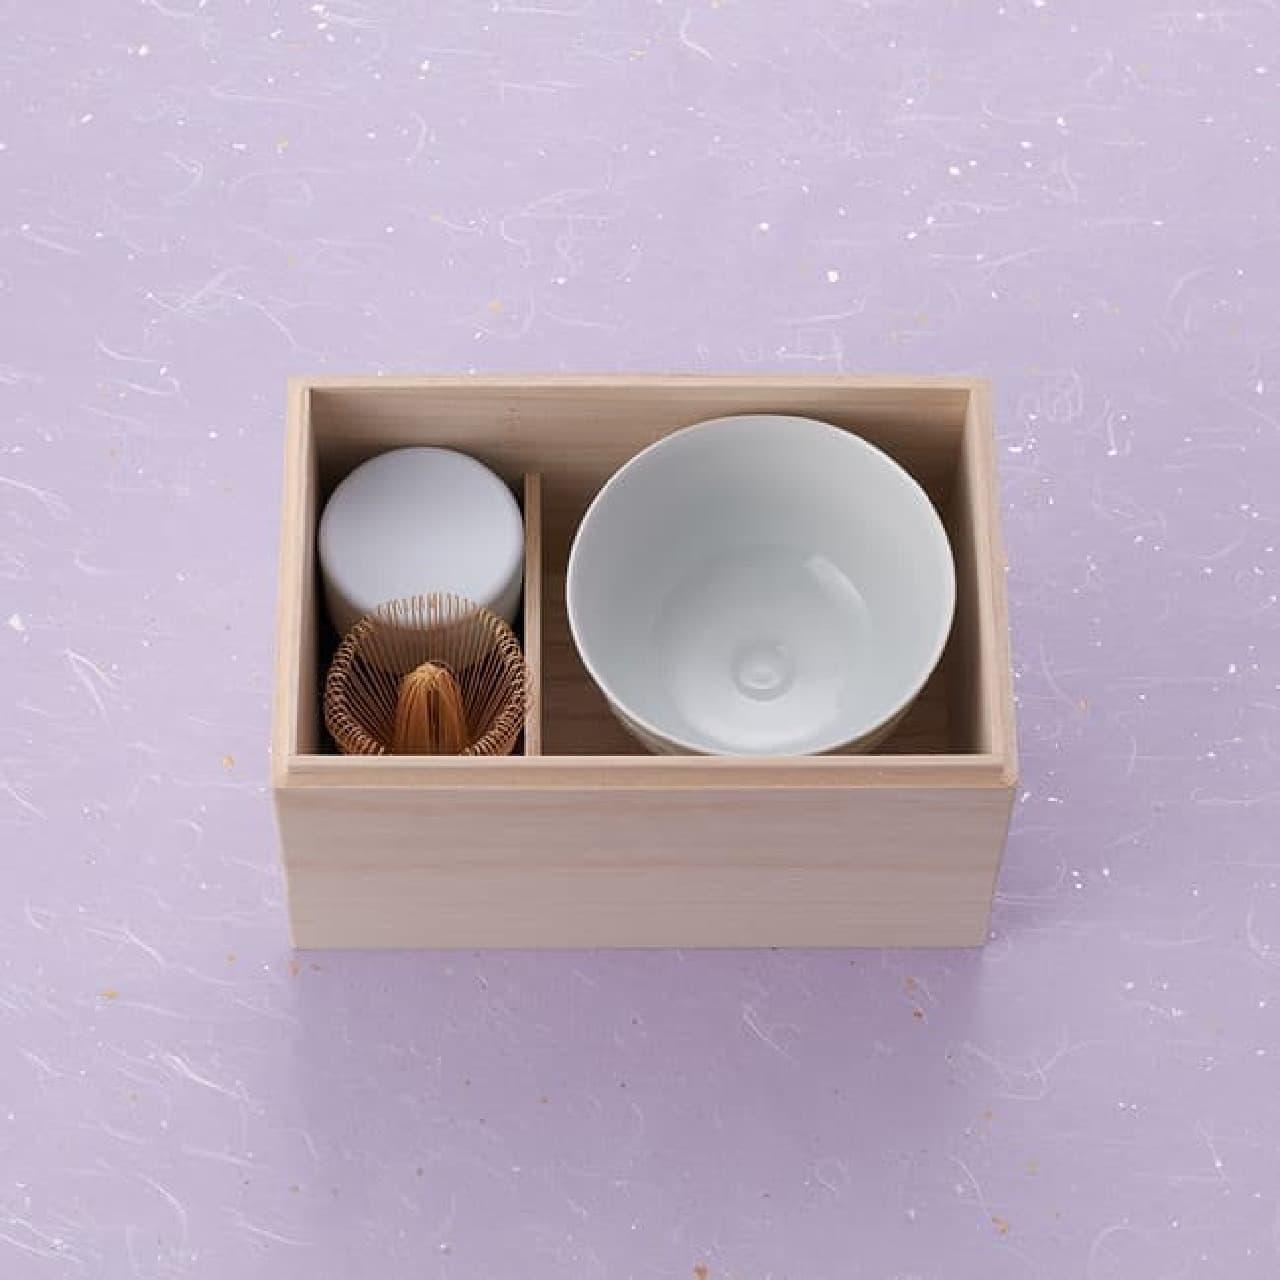 祇園辻利から「極上の抹茶を嗜む茶器セット」